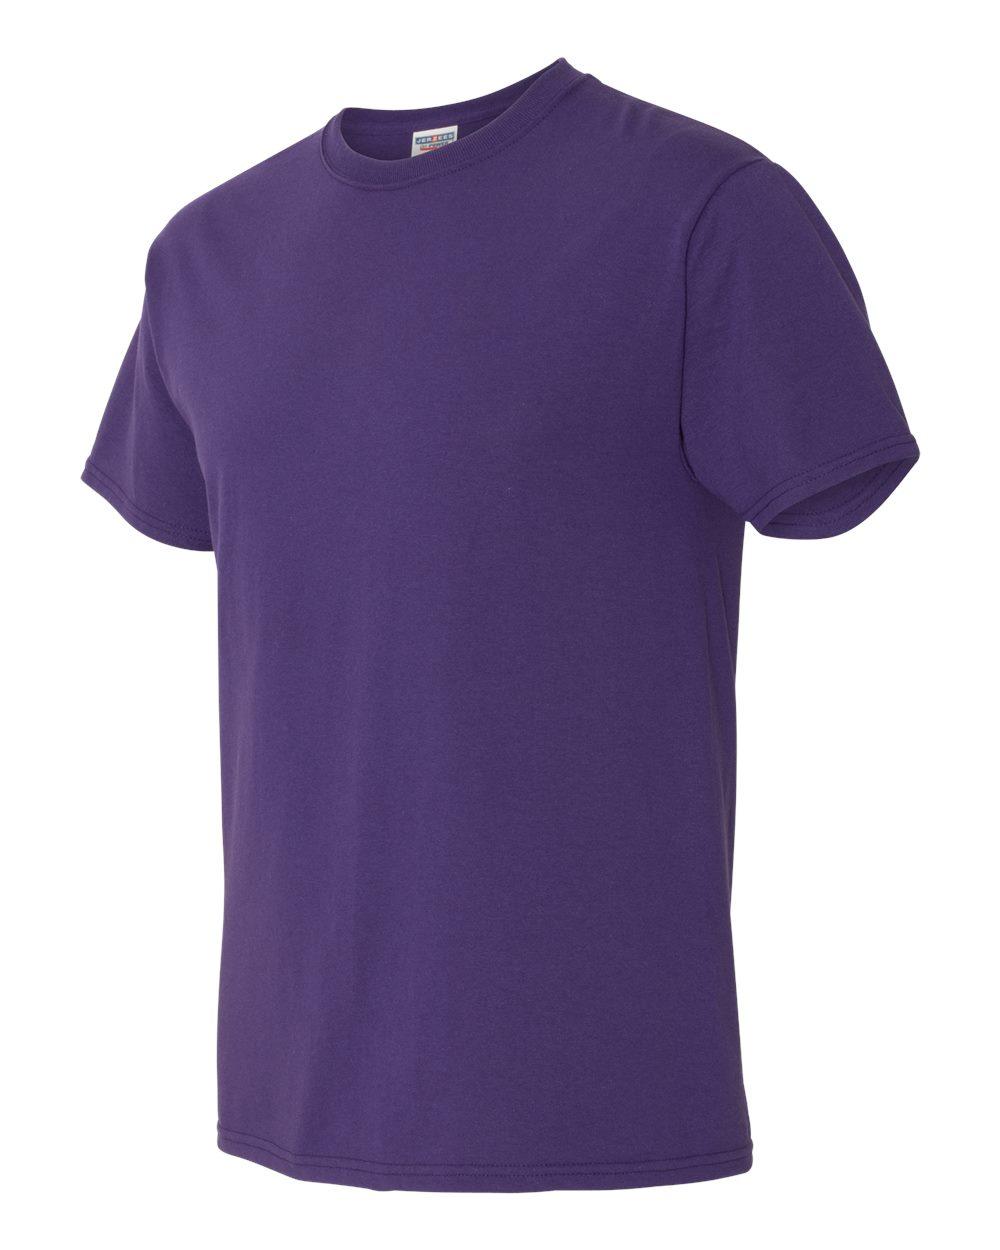 Jerzees-Men-039-s-5-6-oz-50-50-Heavyweight-Blend-T-Shirt-29M-S-4XL thumbnail 60